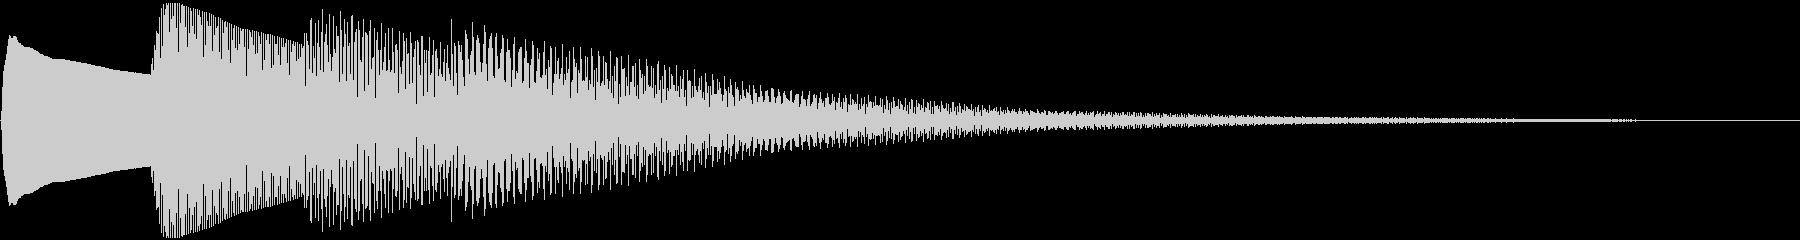 ピンポンパンポン(悲報終わり)の未再生の波形